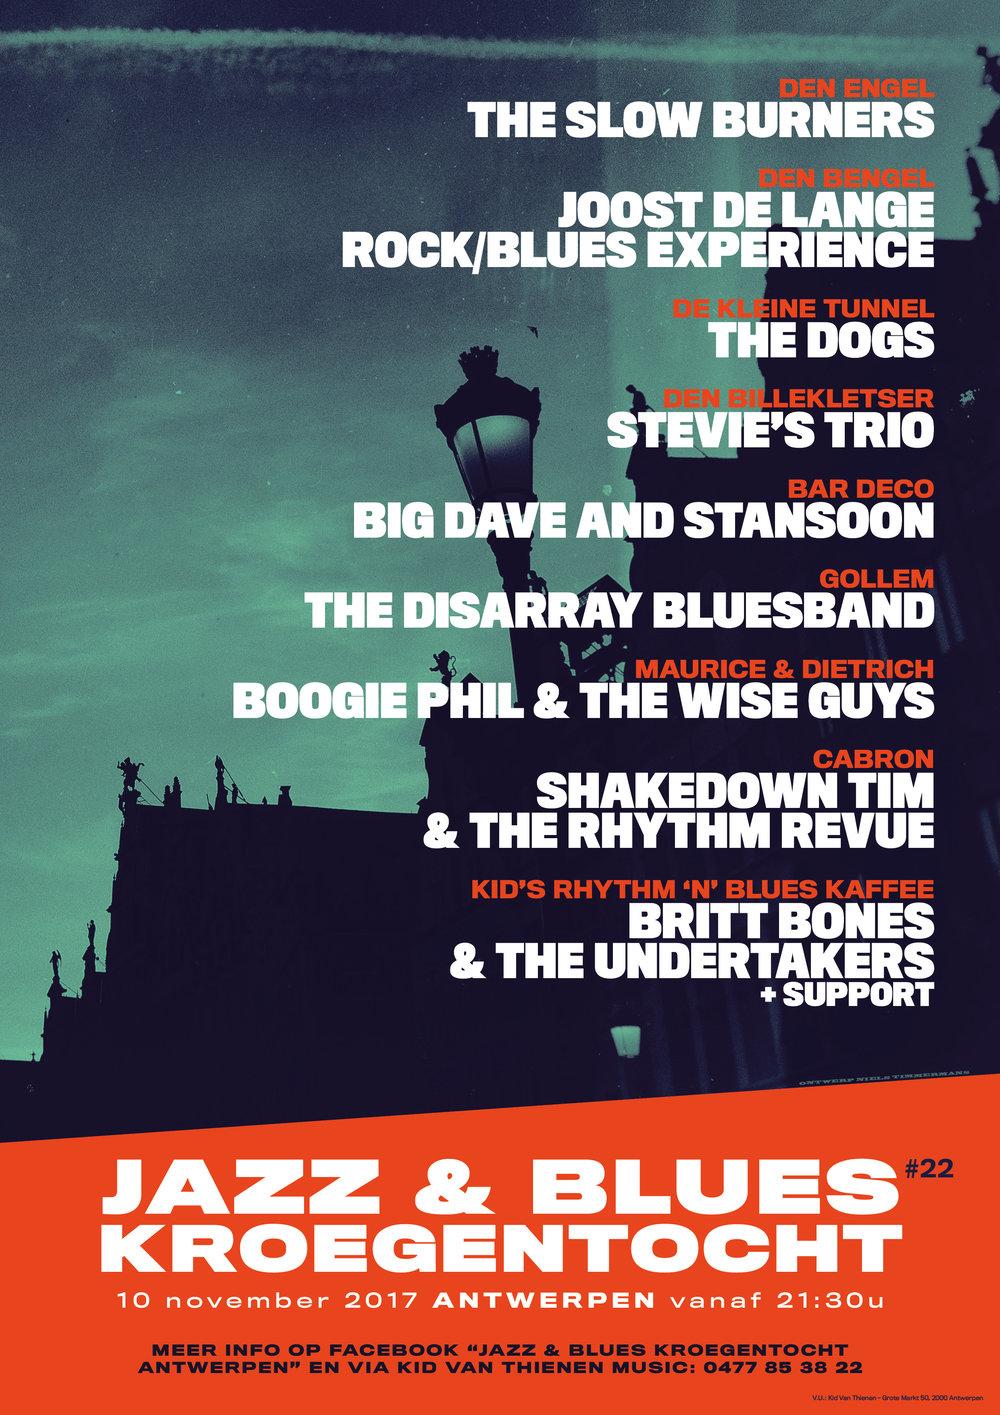 Jazz & Blues Kroegentocht 2017